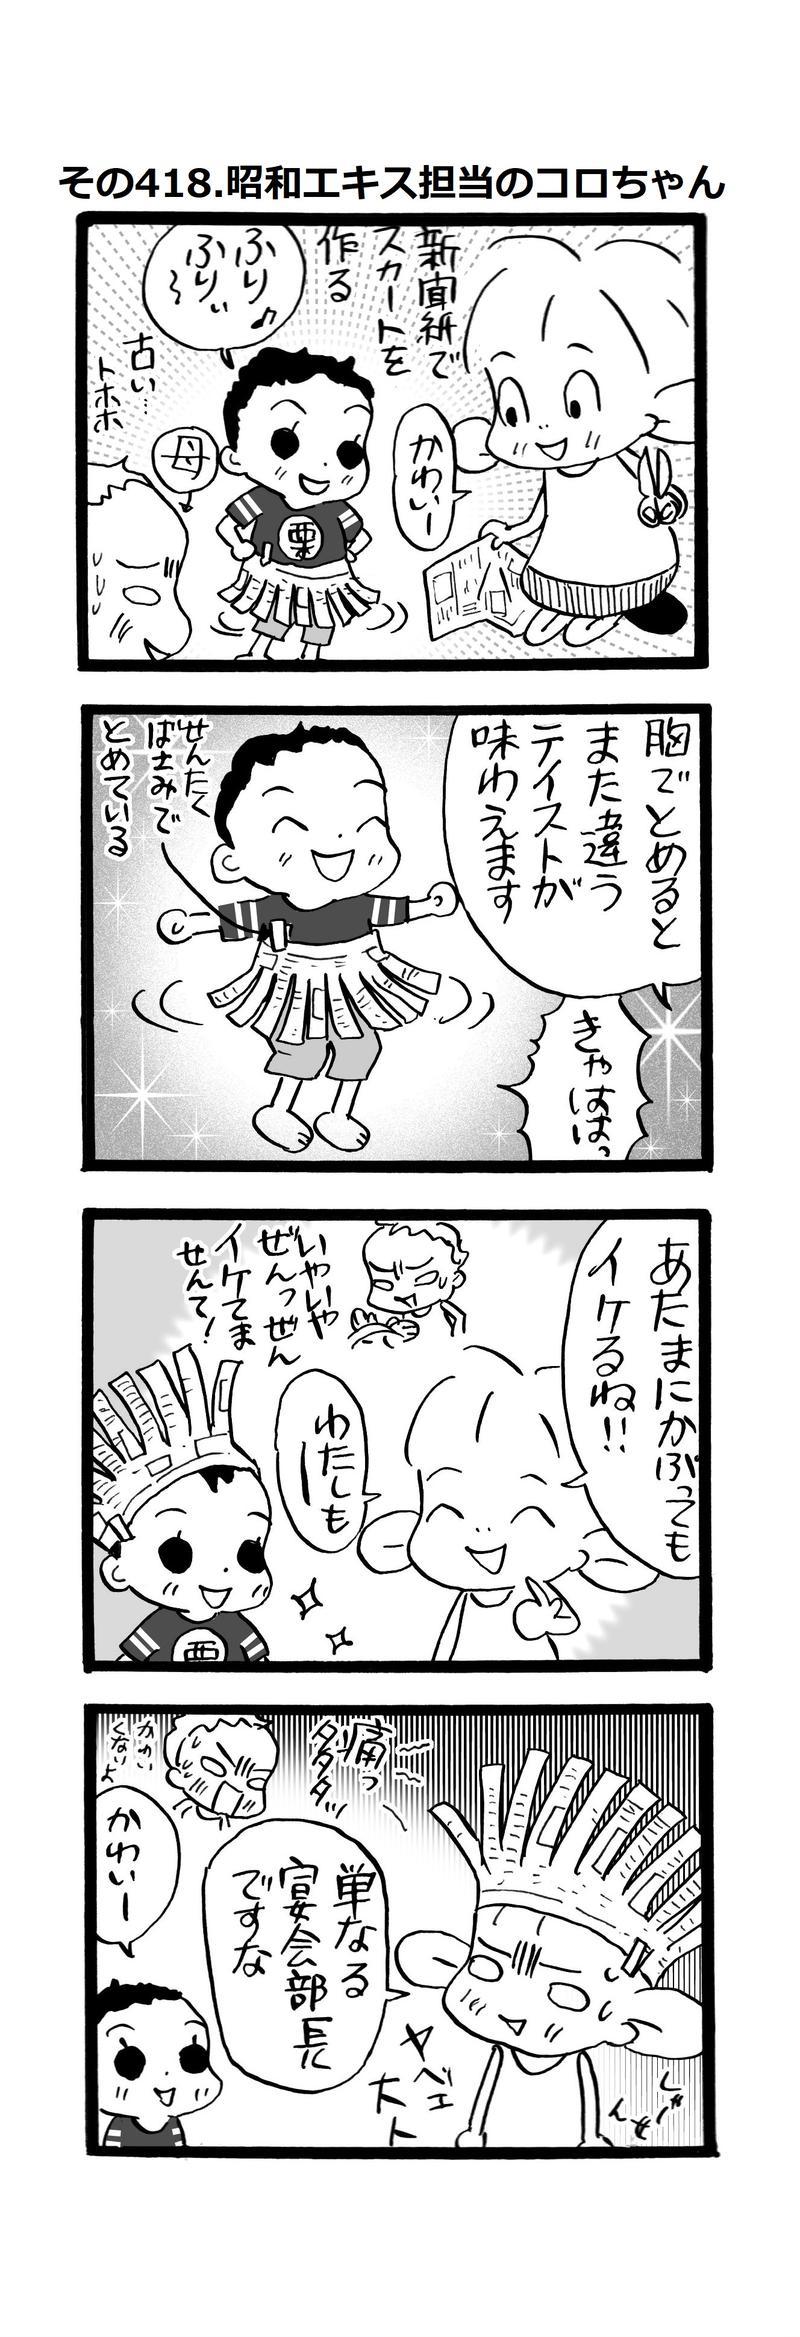 その418.昭和のエキス担当コロちゃん